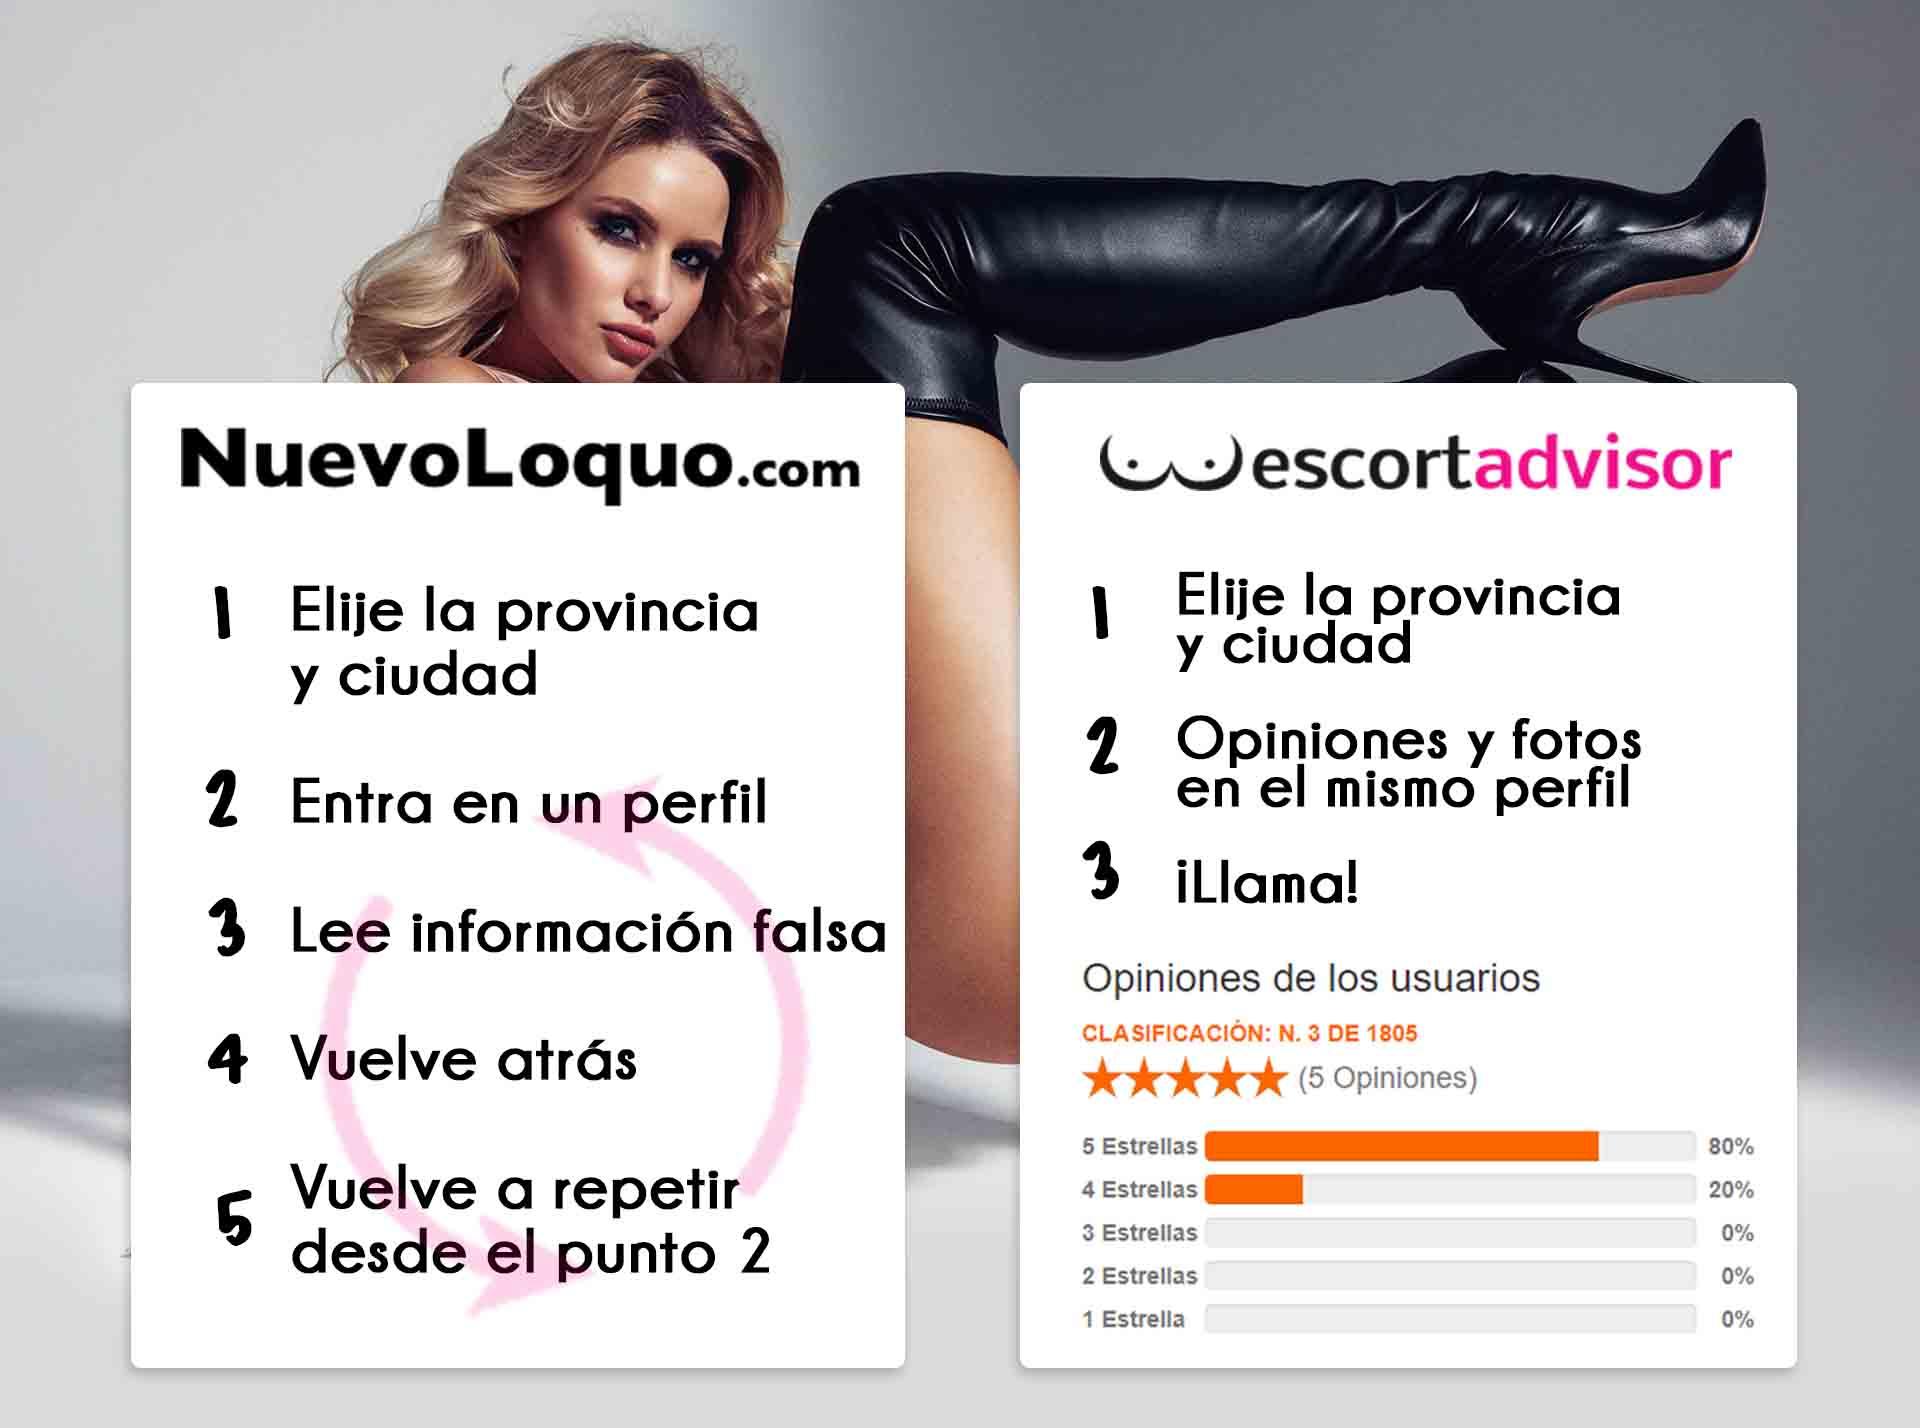 nuevoloquo.com